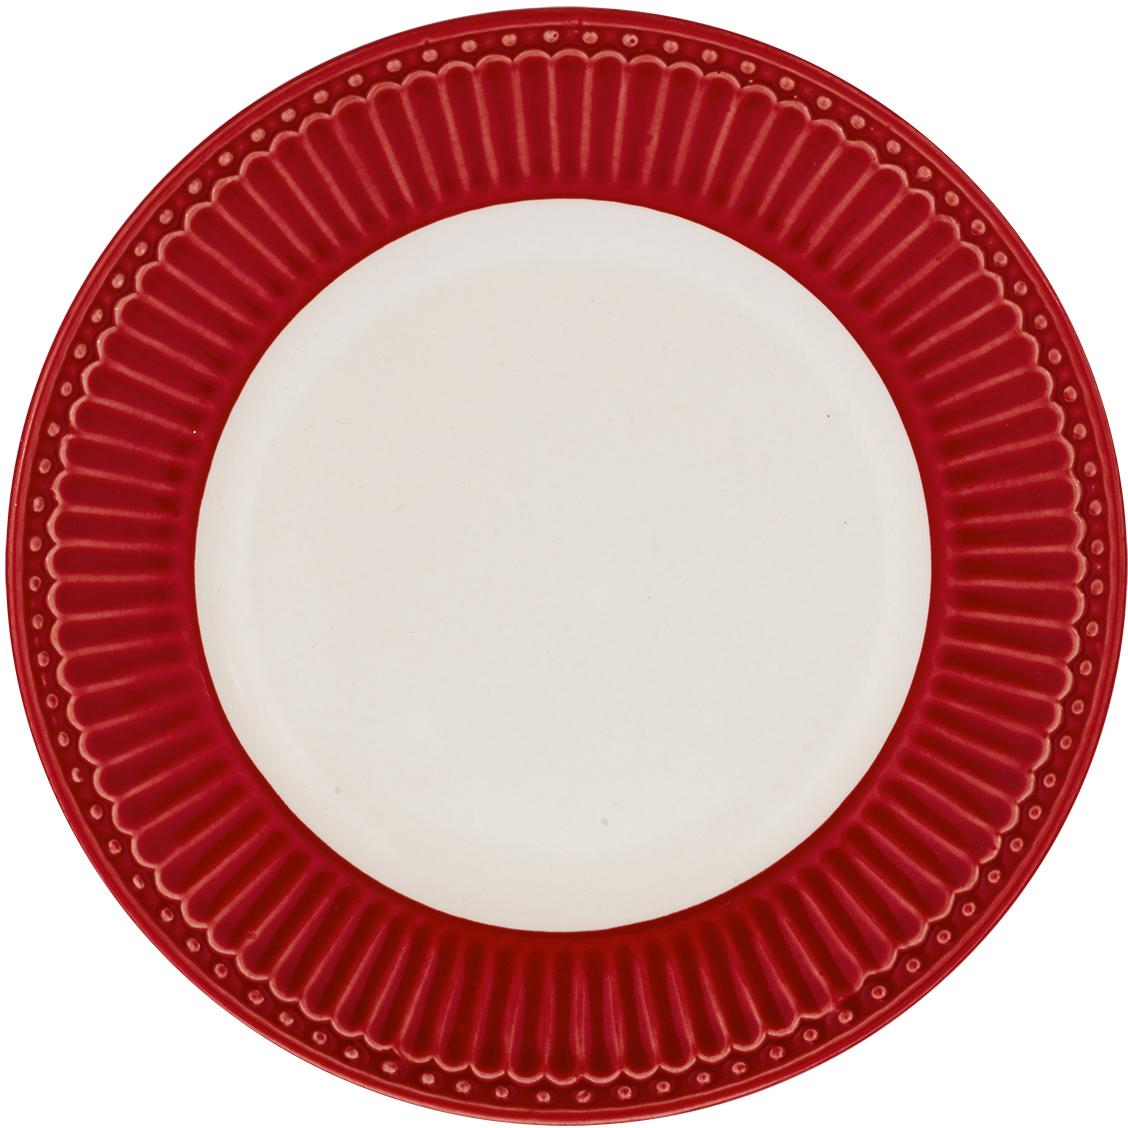 Тарелка десертная Alice, цвет: красный, диаметр 17,5 смSTWPLASAALI1006Десертная тарелка датского производства Alice red, выполненная из высококачественного фарфора, несомненно, станет украшением как праздничного стола, так и повседневной сервировки. Базовая коллекция Alice создана для идеального сочетания посуды ранних и будущих коллекций Greengate. Впервые появилась в каталогах в 2016 году и с тех пор завоевала миллионы сердец своей универсальностью, зефирной нежностью и разнообразием посудной линейки. Коллекция Alice в пастельных тонах (pink, blue, green) превосходно сочетается как между собой, так и с классическими цветочными принтами, разбавляет их и облегчает композицию. Солнечный желтый цвет Alice pale yellow в сервировке вносит свежесть и яркость погожего летнего денька. Выполнена из высококачественного фарфора, устойчивого к сколам, допускается использование в посудомоечной машине и микроволновой печи. Коллекция Alice – это беспроигрышный вариант как для знакомства с коллекционной посудой Greengate, так и для принципа «mix and match» (смешивай и сочетай).